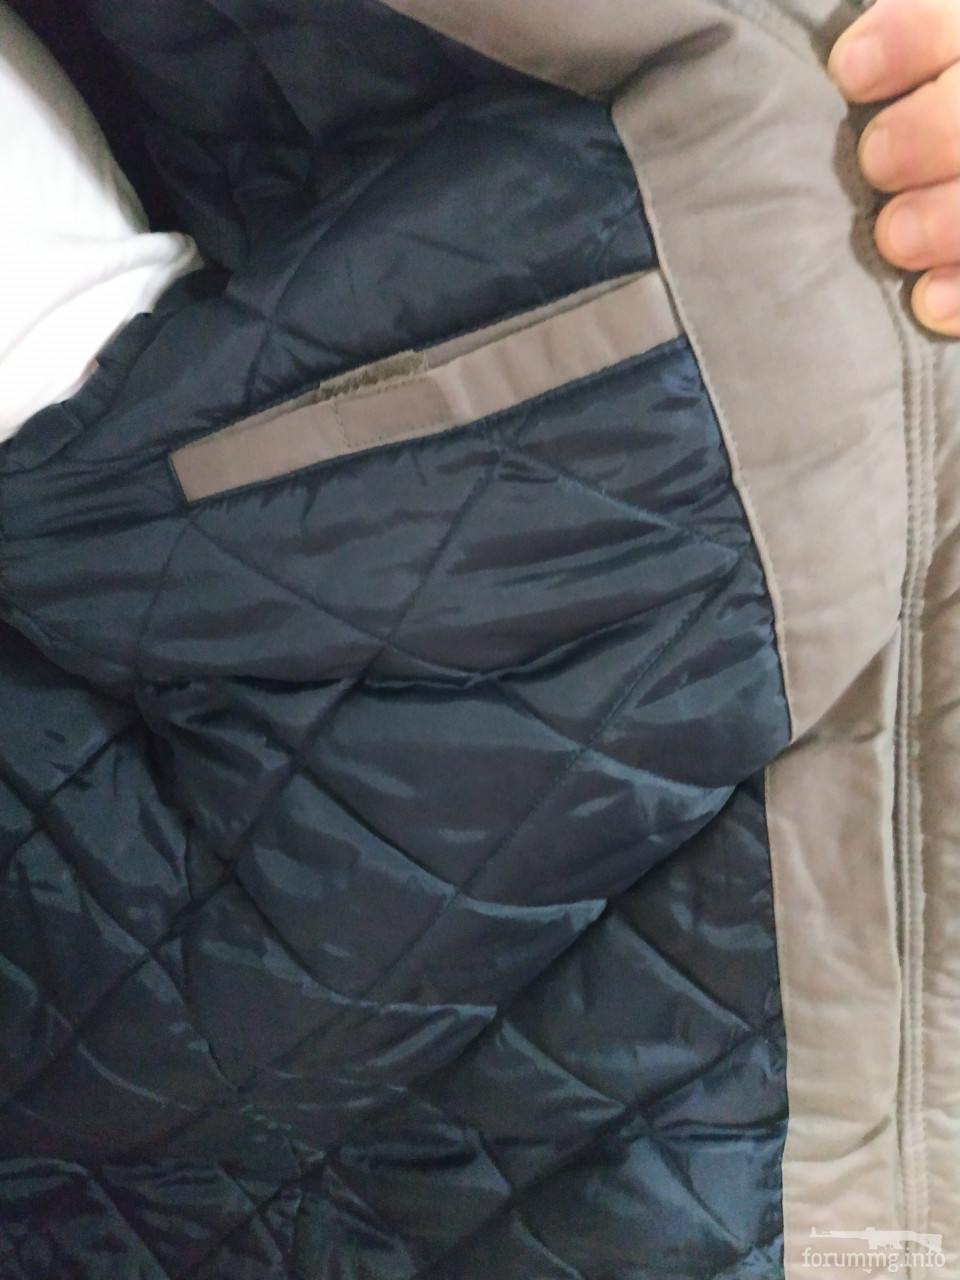 136434 - Тепла куртка в мілітарі стилі